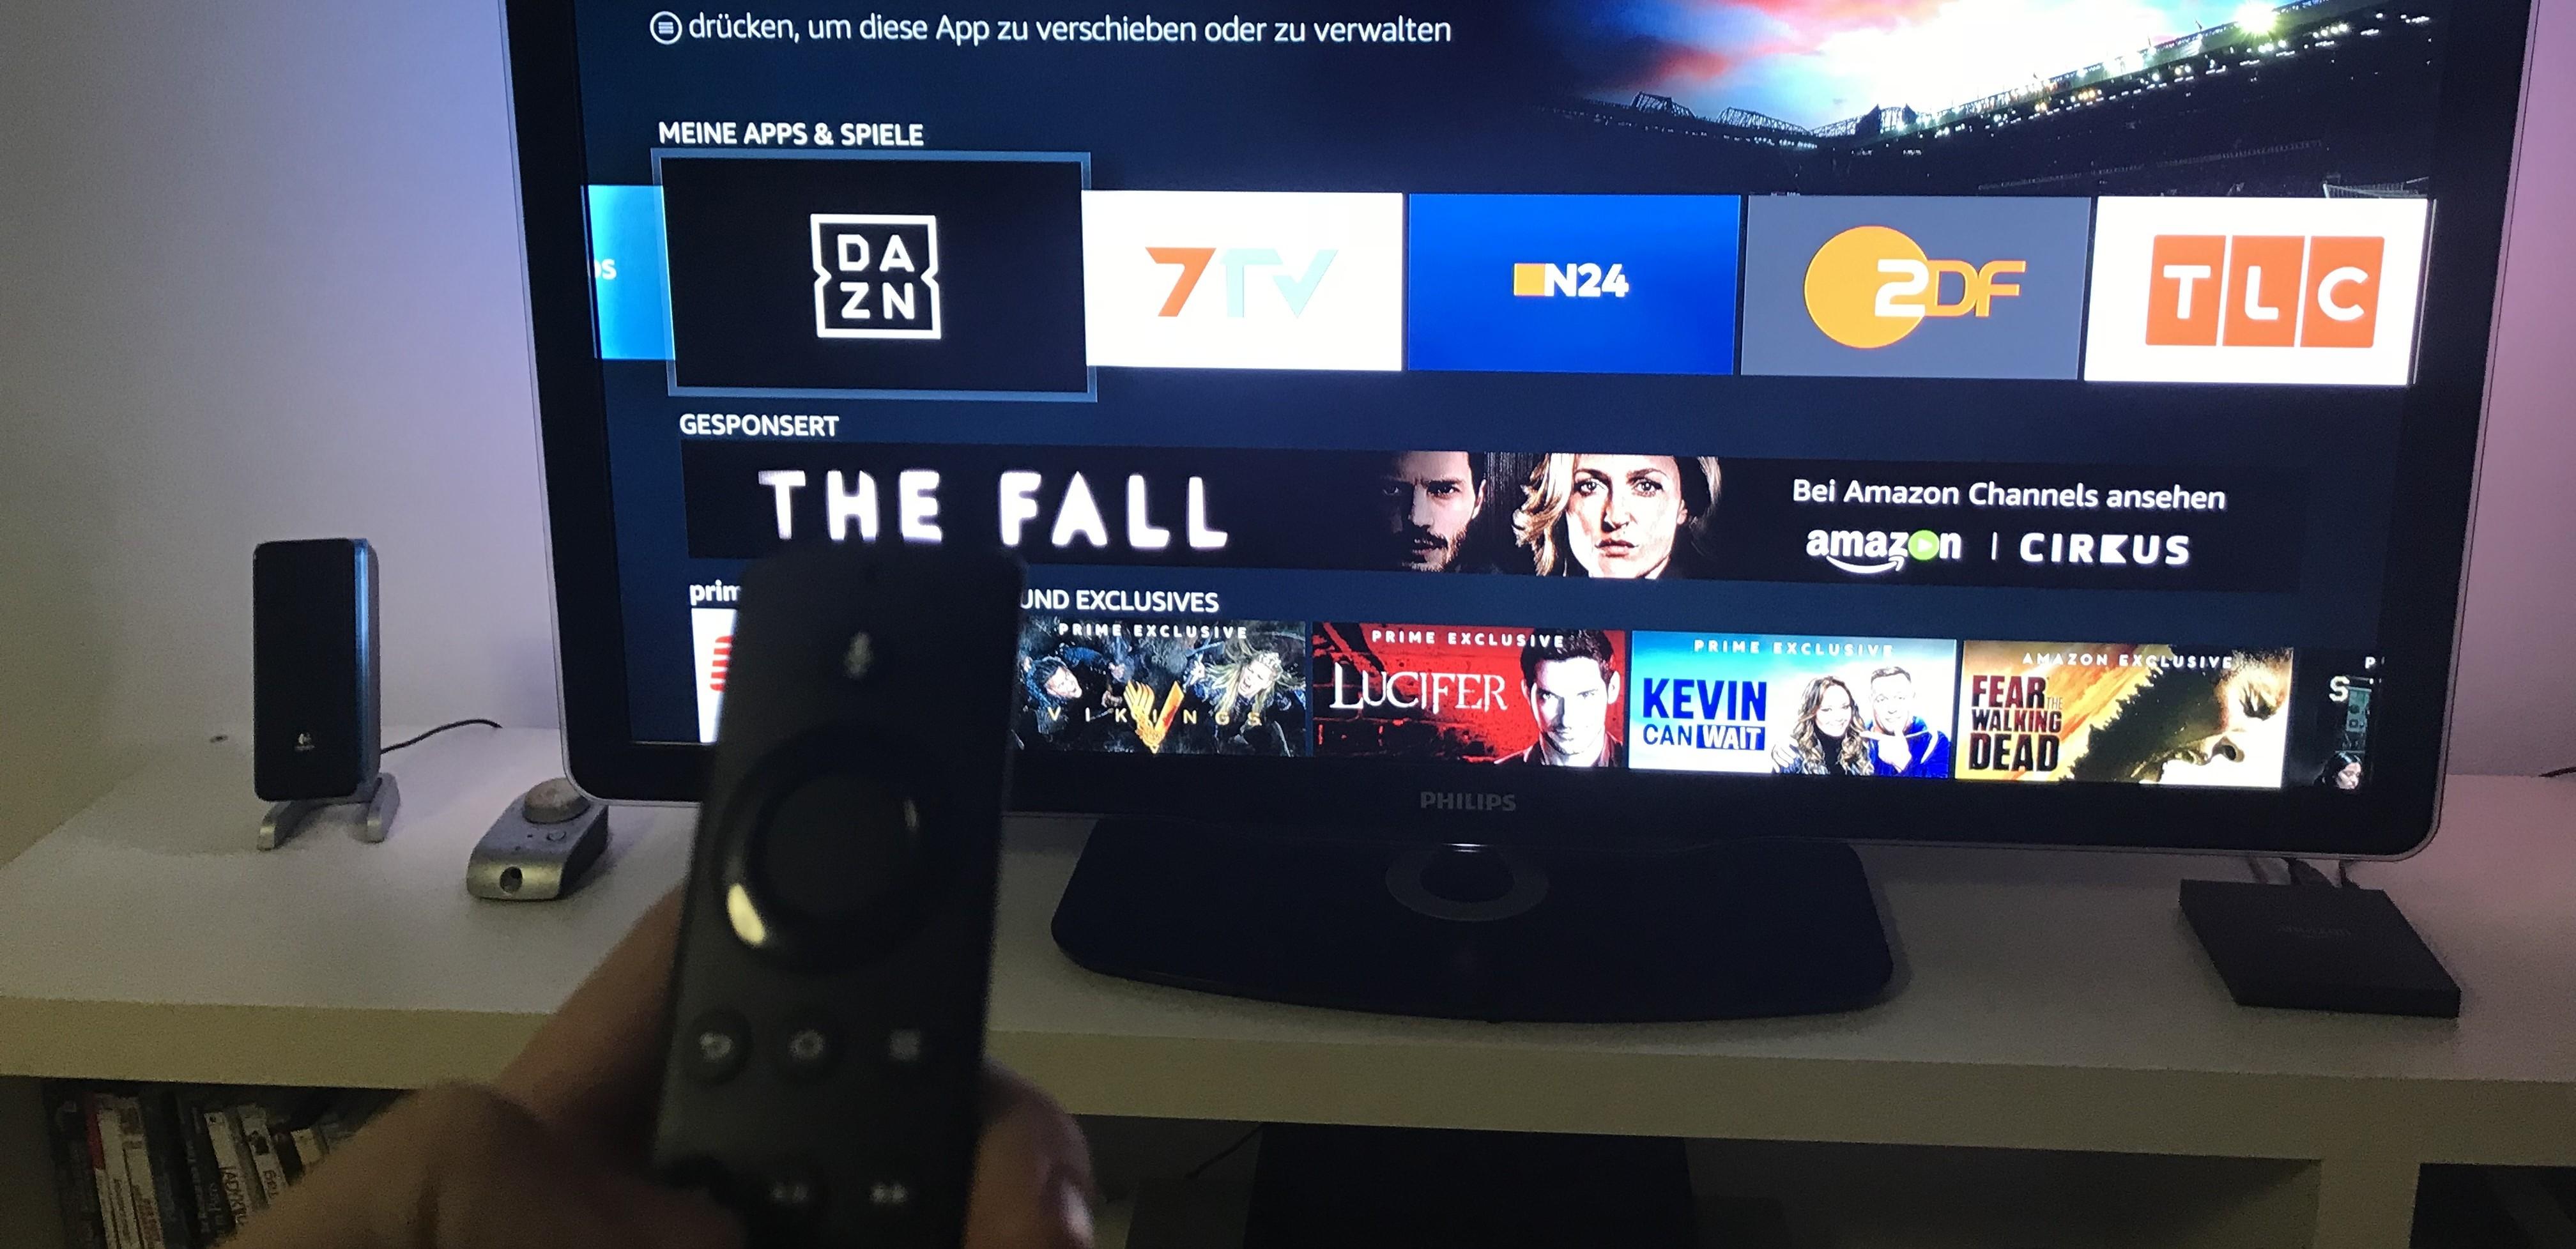 Der Amazon Fire TV Stick